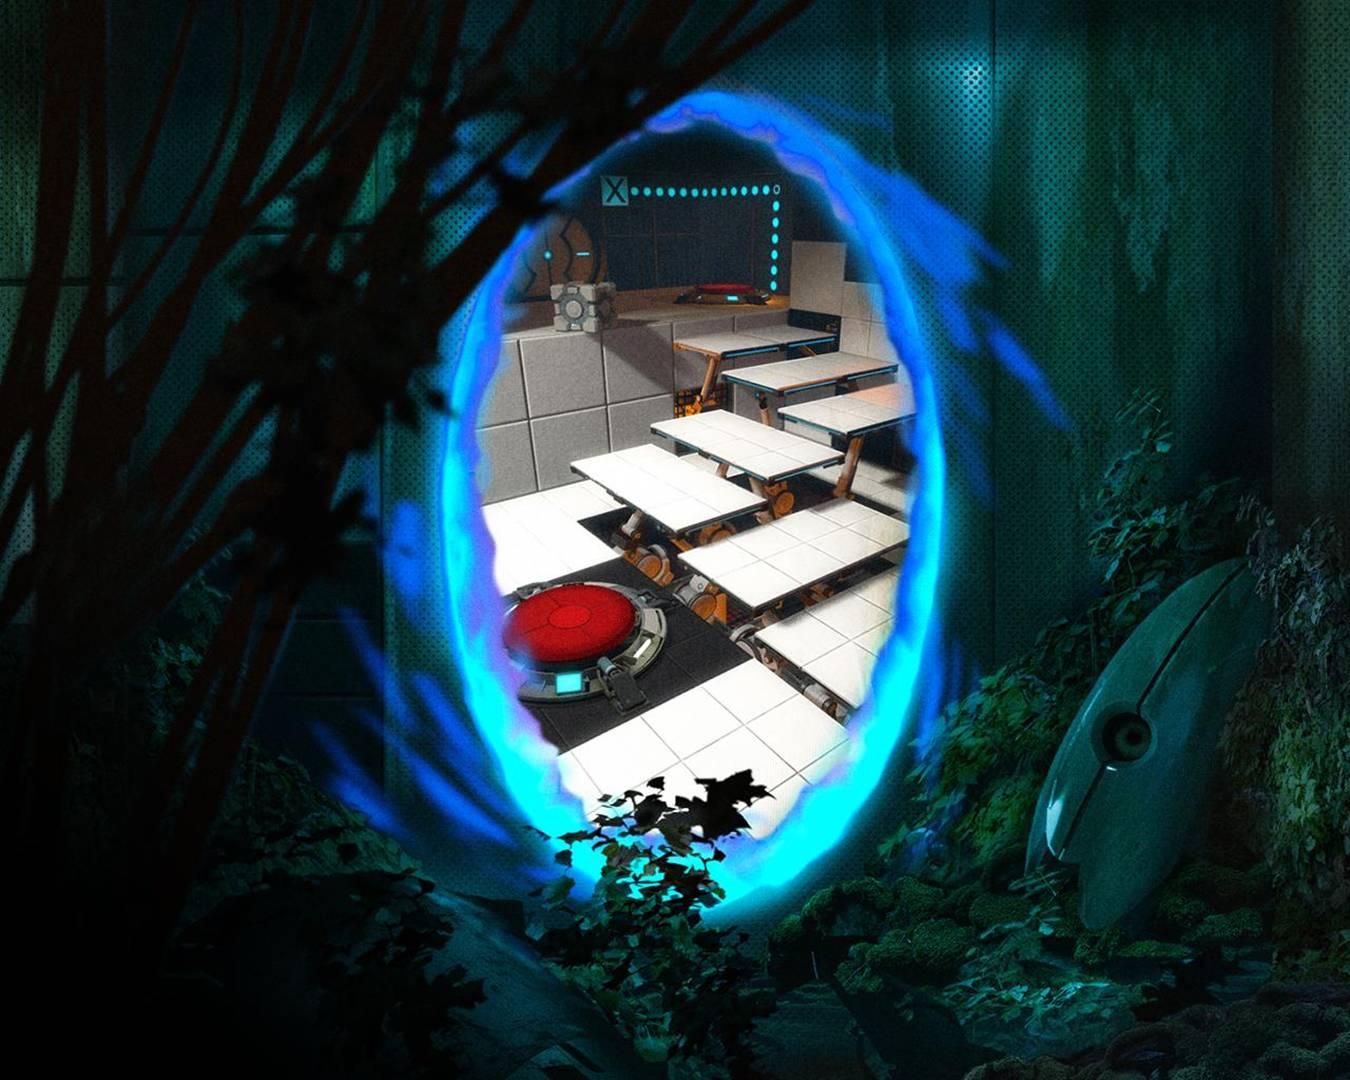 Portal 2 Wallpapers in full 1080P HD GamingBoltcom Video Game 1350x1080